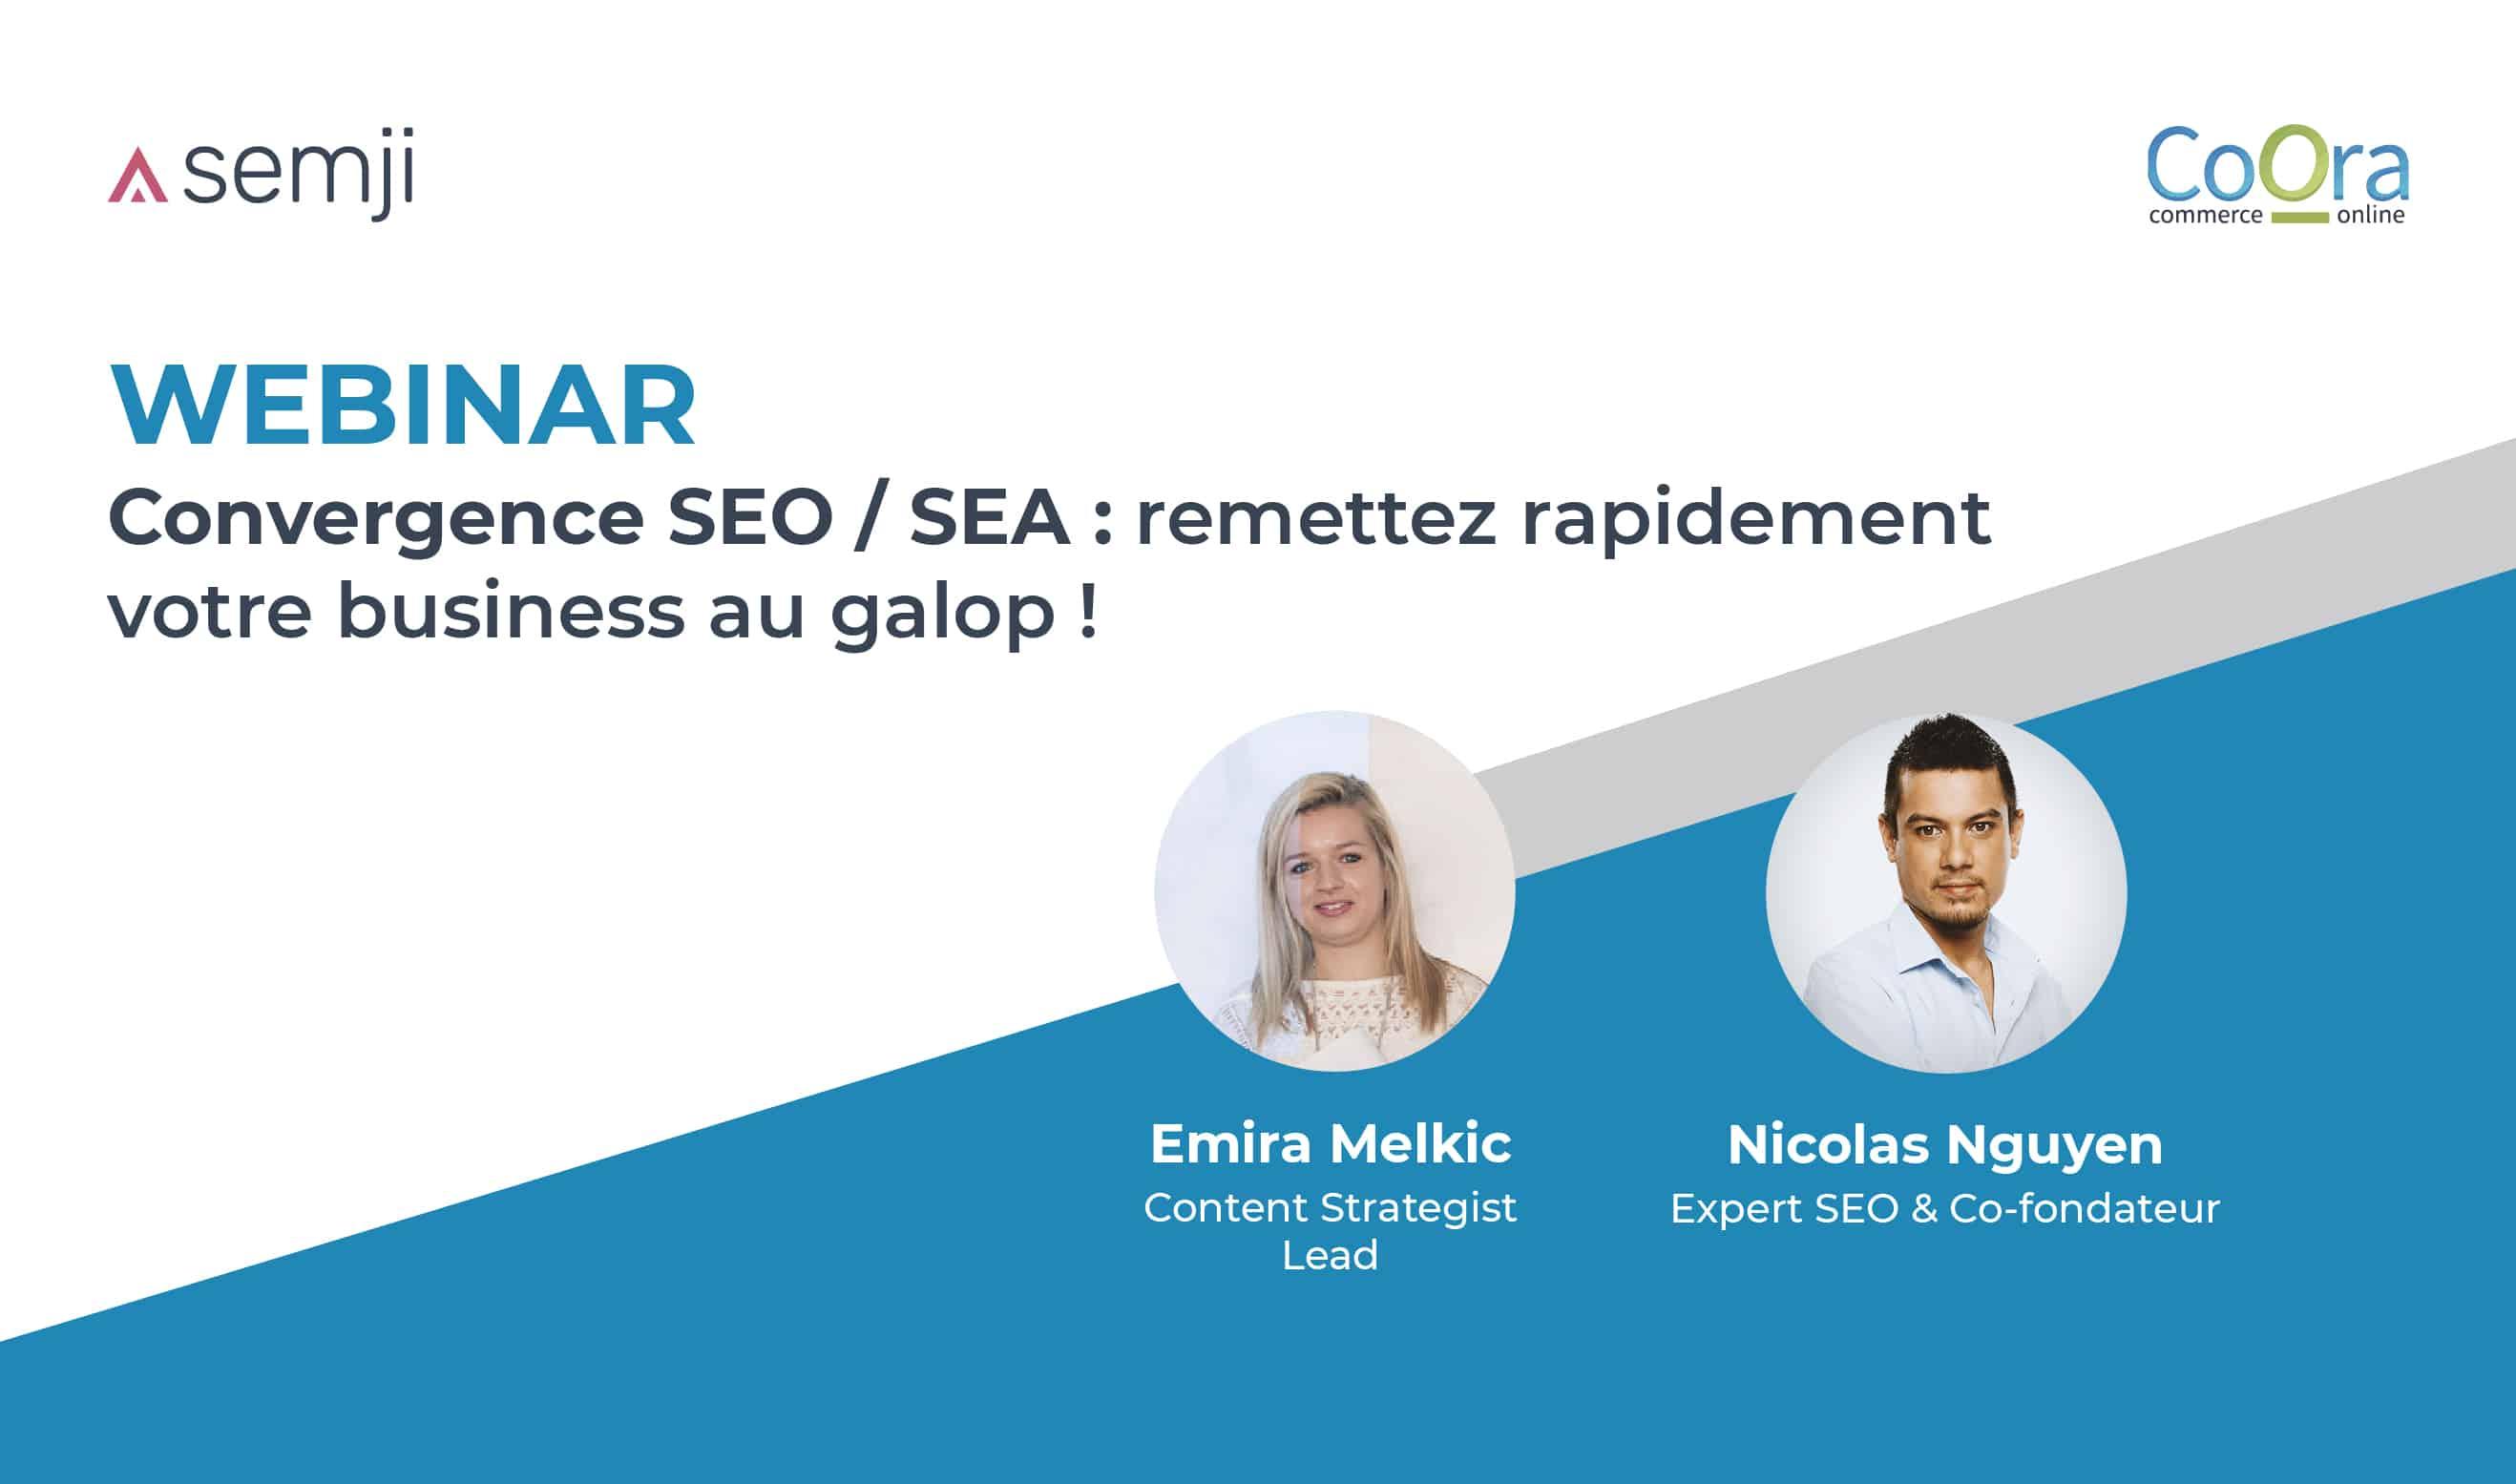 Webinar – Convergence SEO / SEA : remettez rapidement votre business au galop ! Comment penser et adapter sa stratégie SEO/SEA face à la crise ?